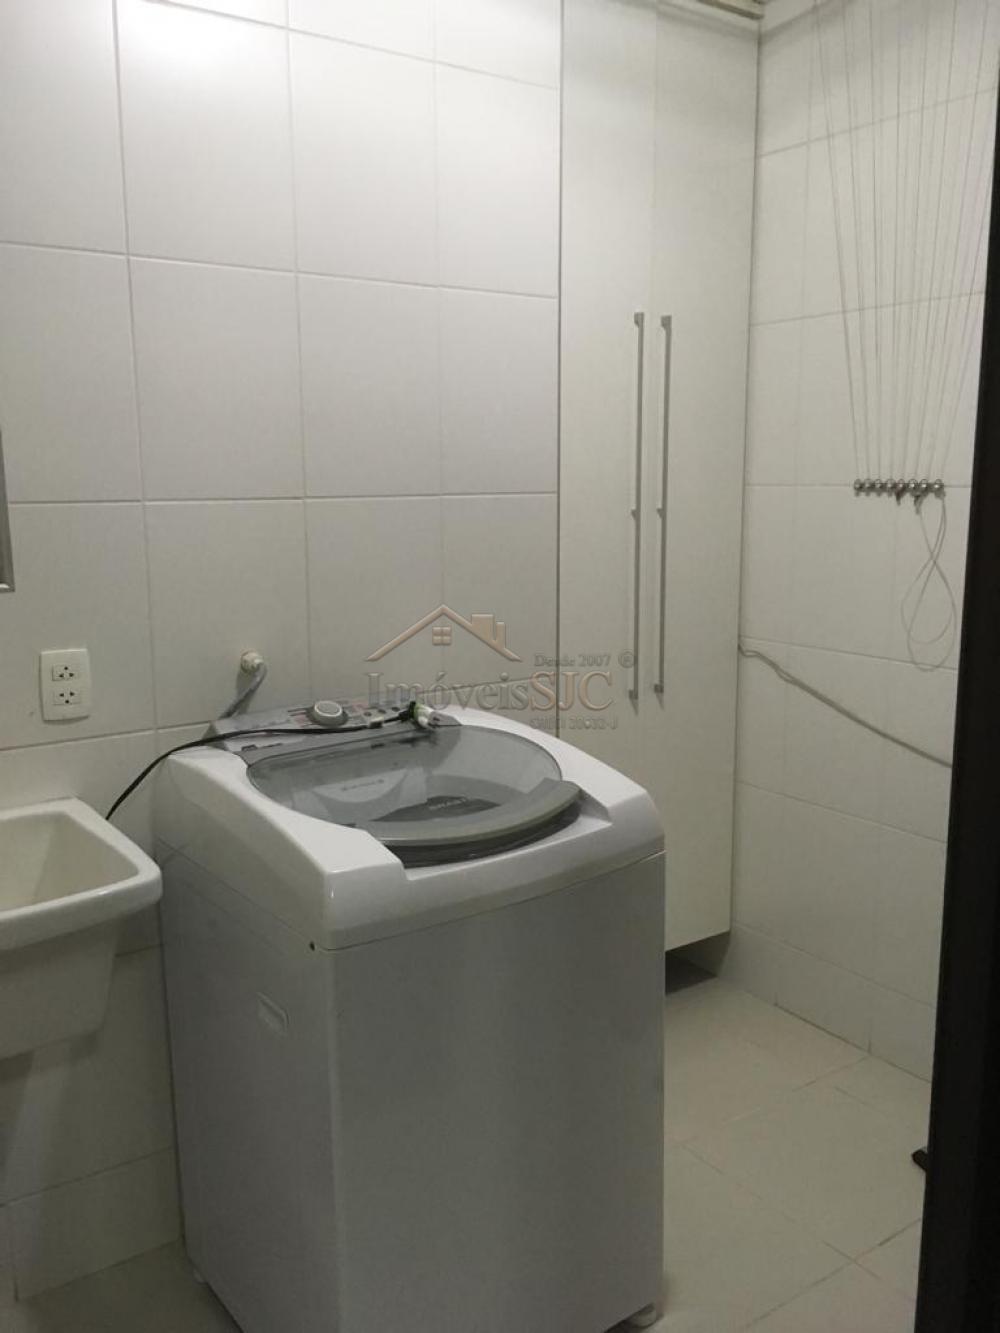 Comprar Apartamentos / Padrão em São José dos Campos apenas R$ 750.000,00 - Foto 25